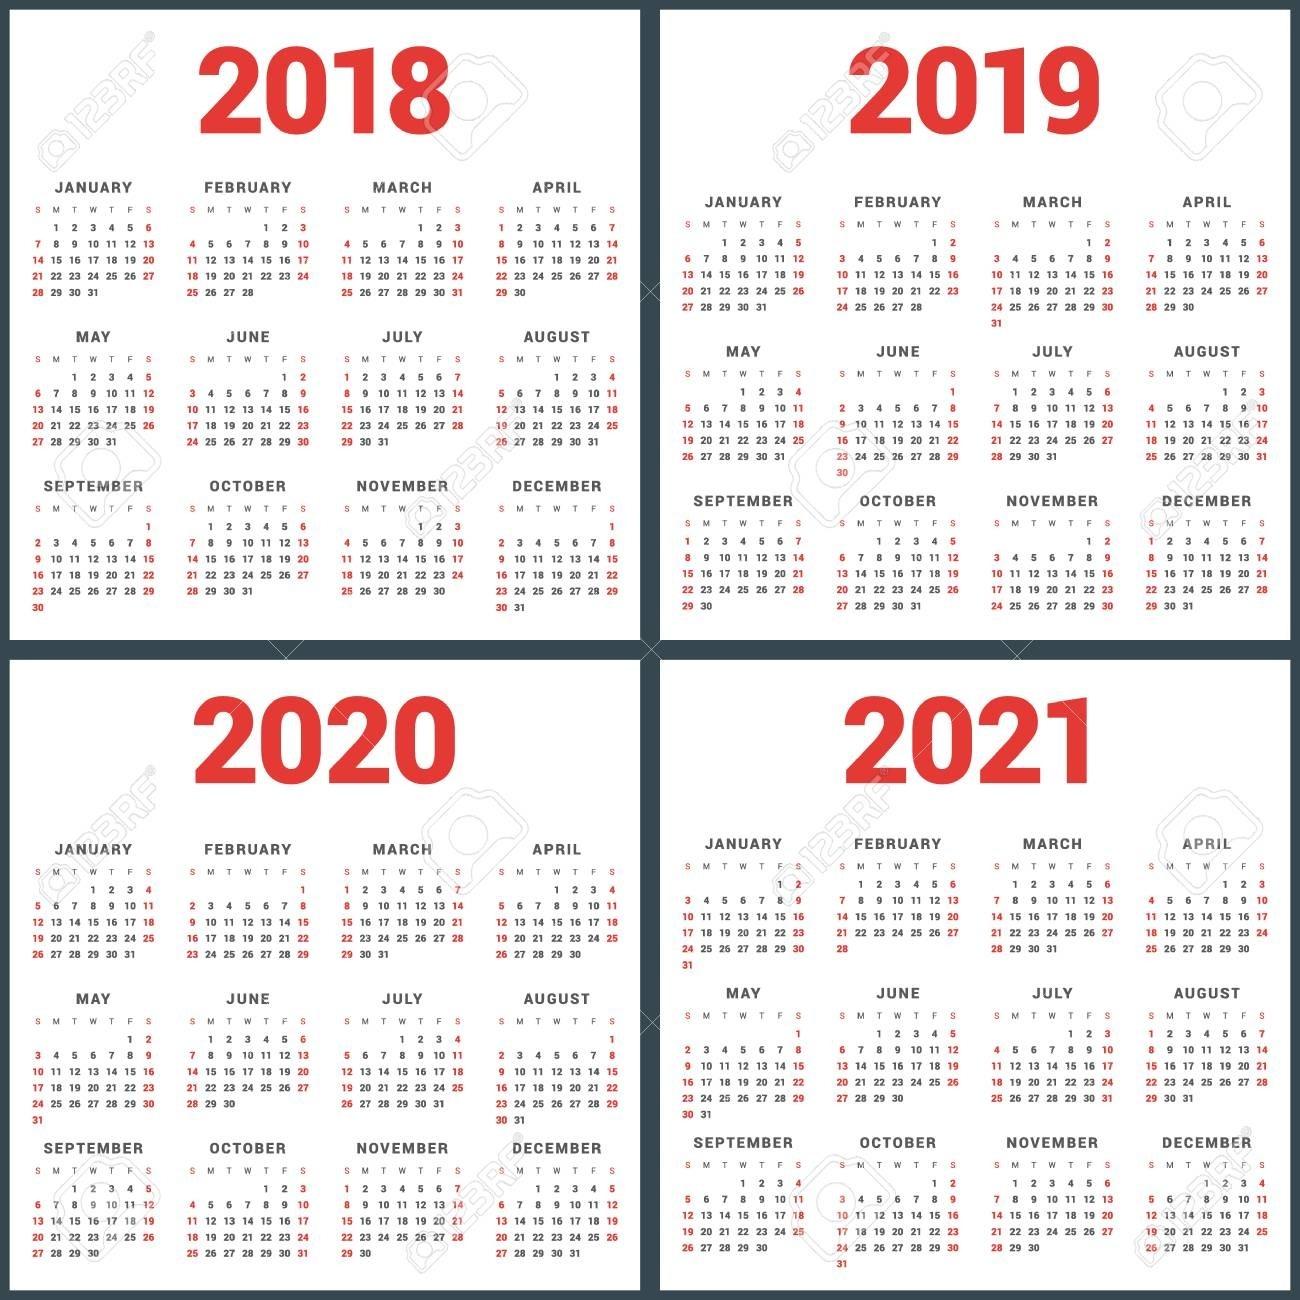 Calendar 2019 – 2020 To Fill In | Calendar Template Printable Monthly Yearly-Monthly Fill In Calendar 2021